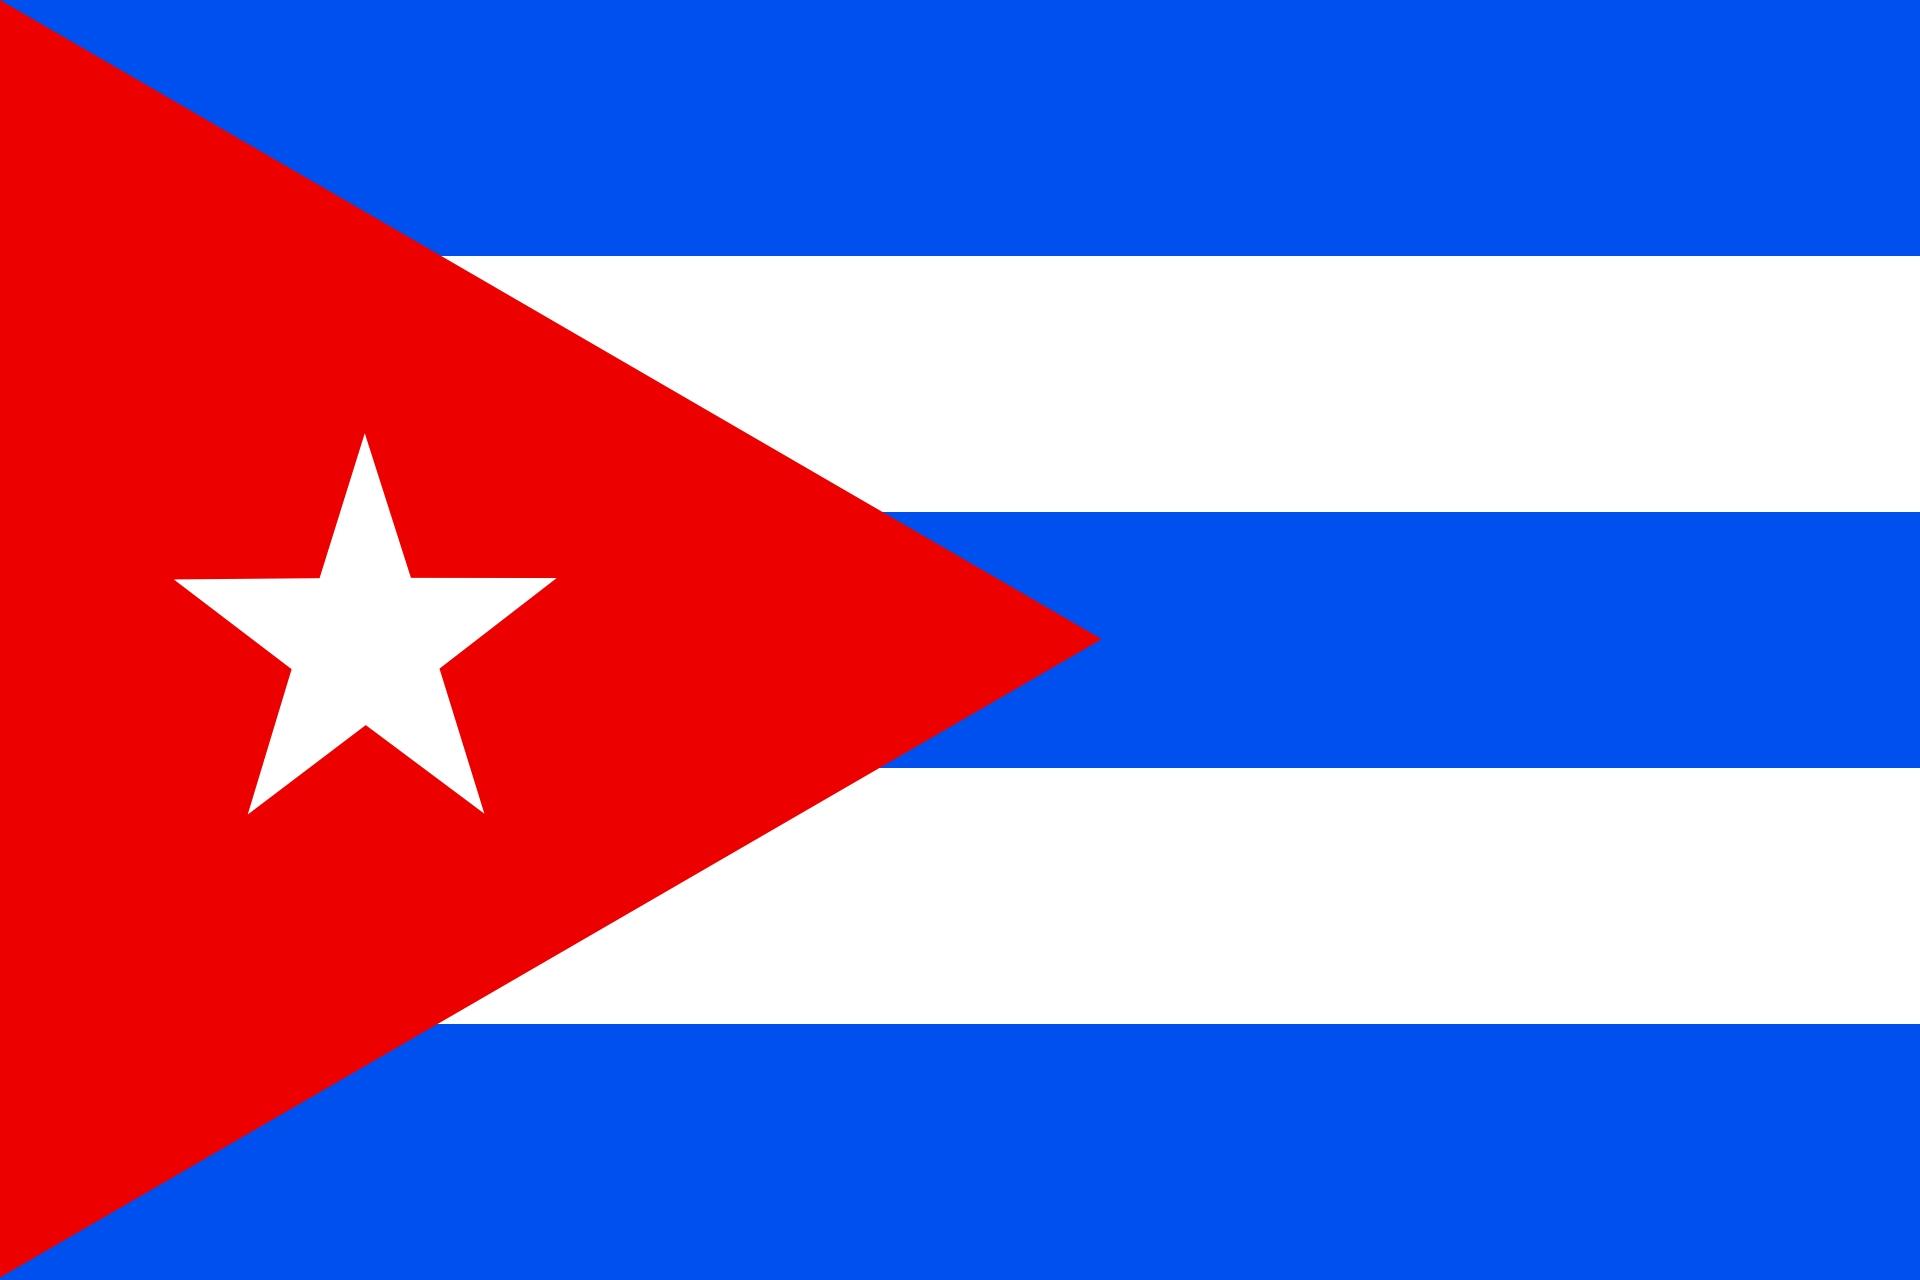 El Partido Comunista Obrero Español quiere expresar sus más sentidas condolencias a los familiares, al Gobierno cubano, a su presidente Miguel Díaz-Canel Bermúdez, al Partido Comunista de Cuba, y a…